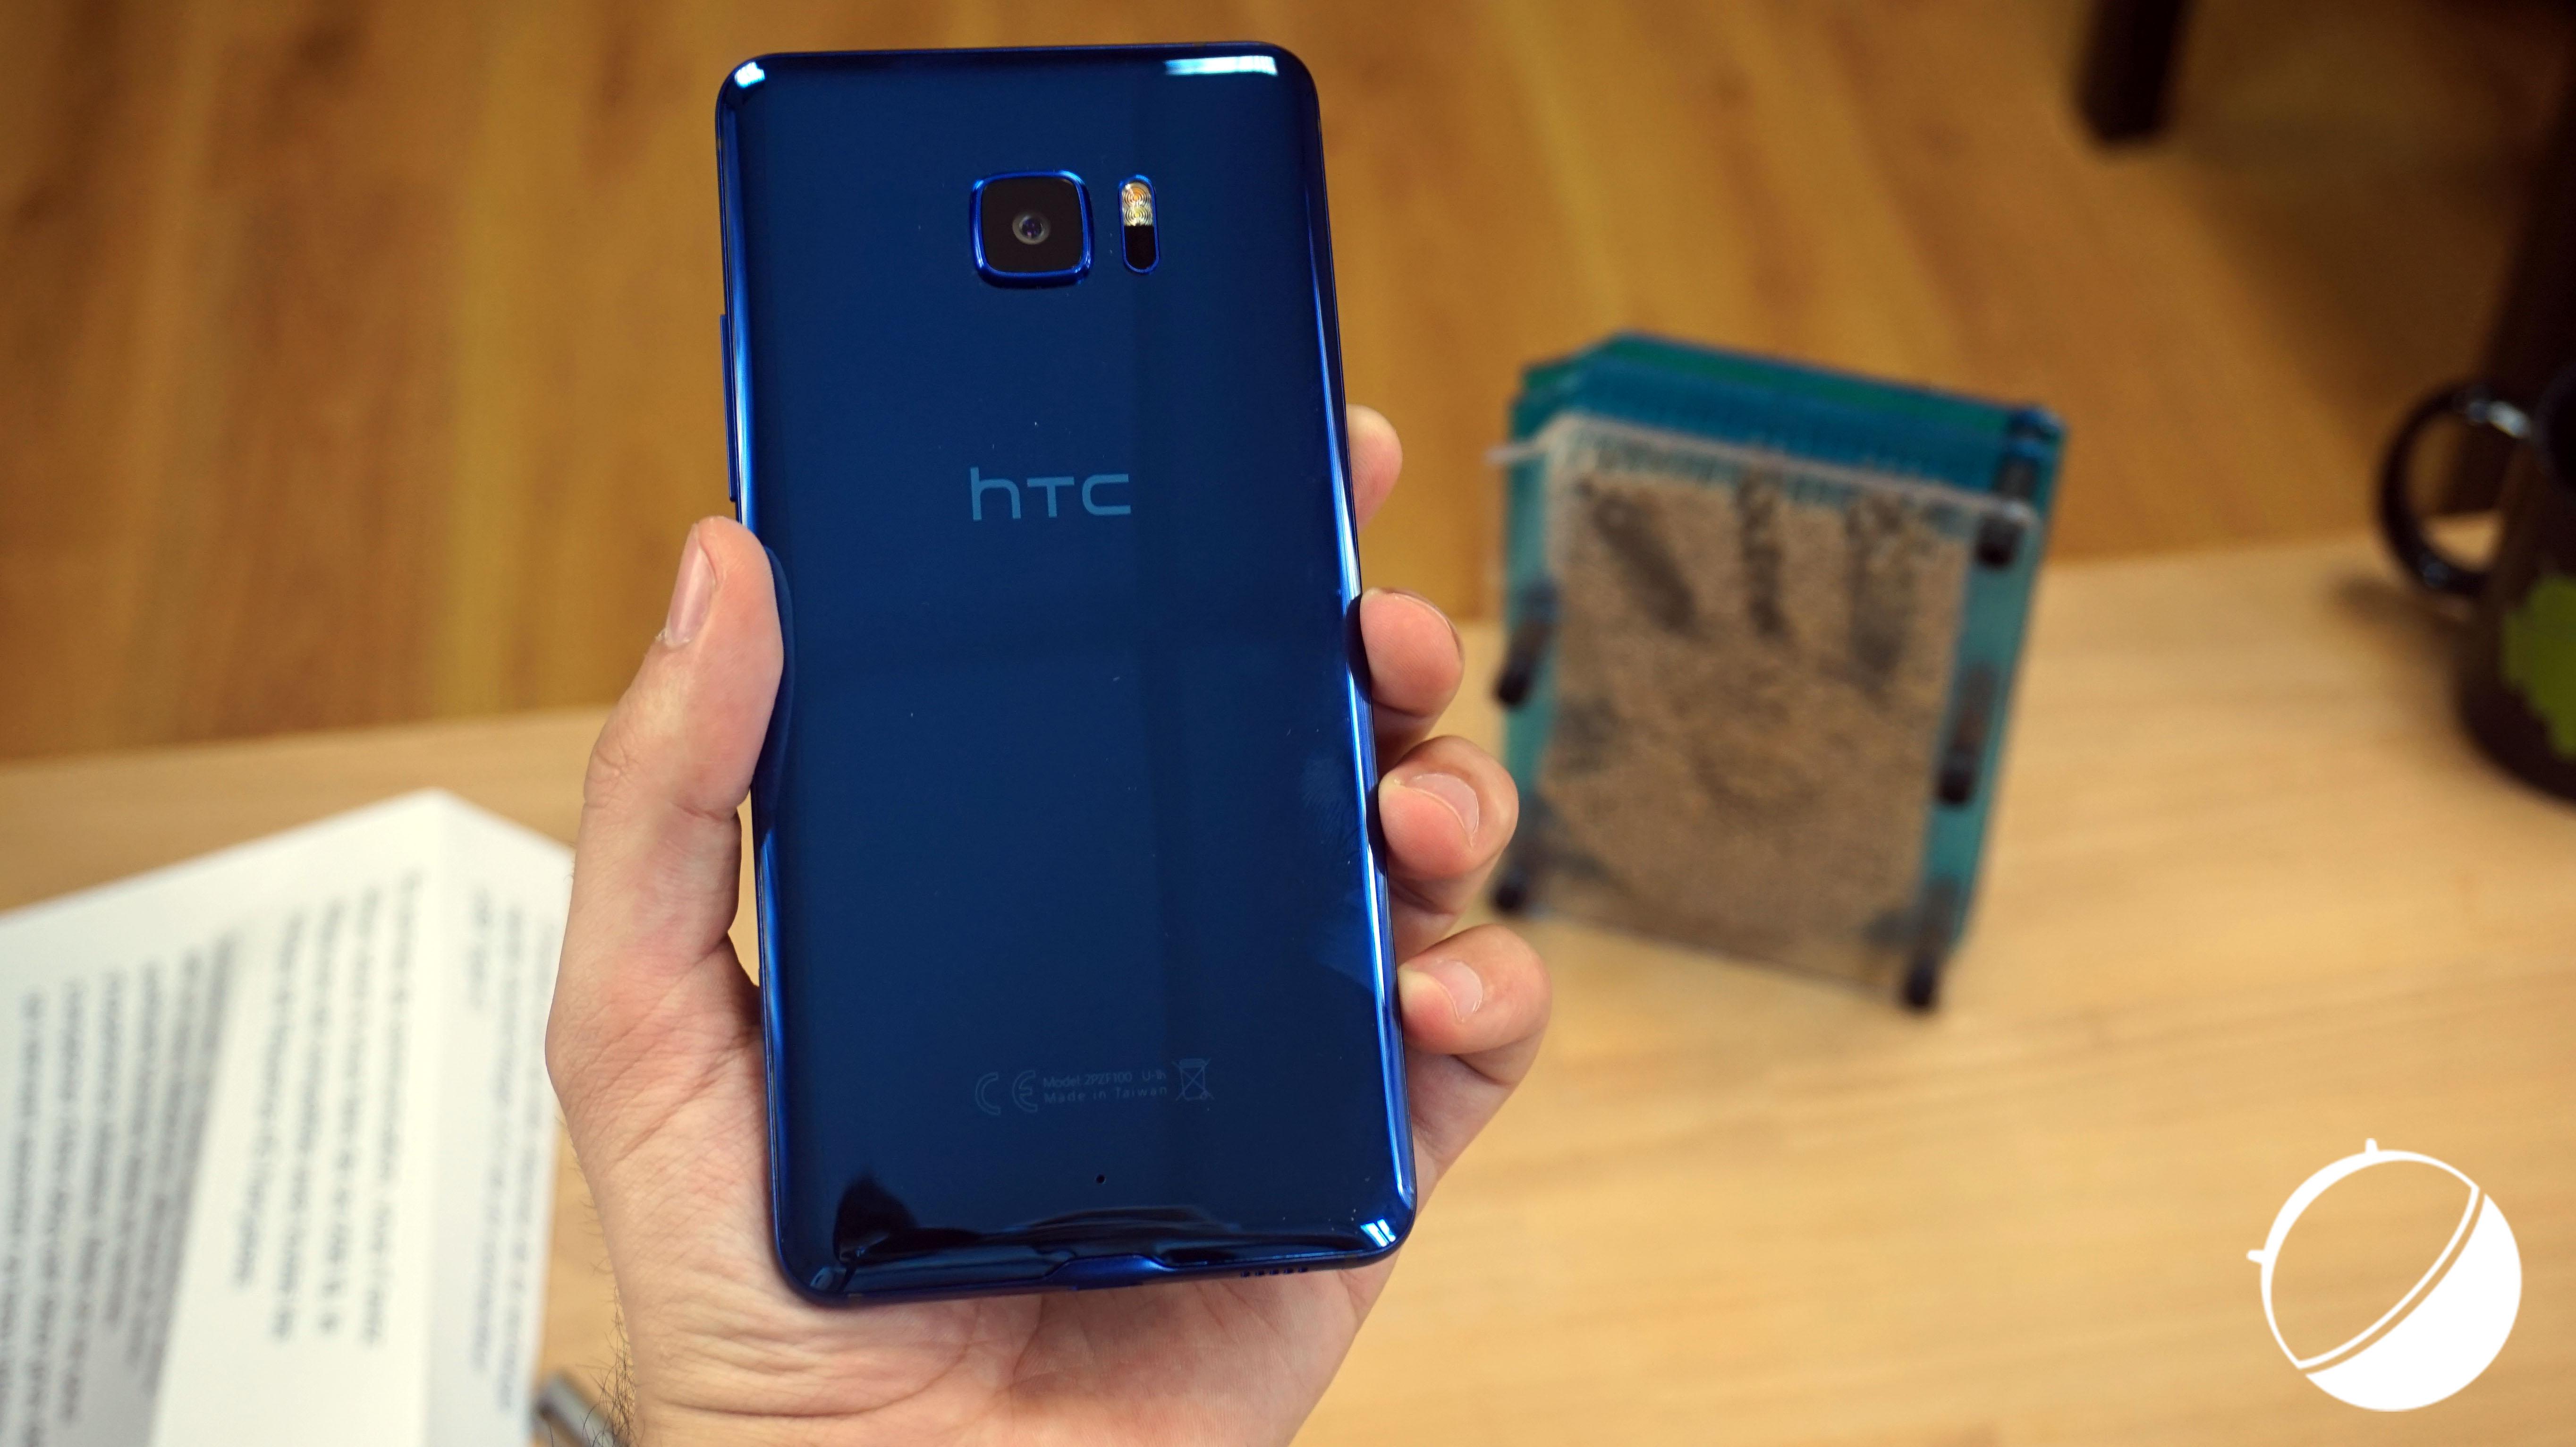 La «surprise » de HTC est un HTC U Ultra plus résistant